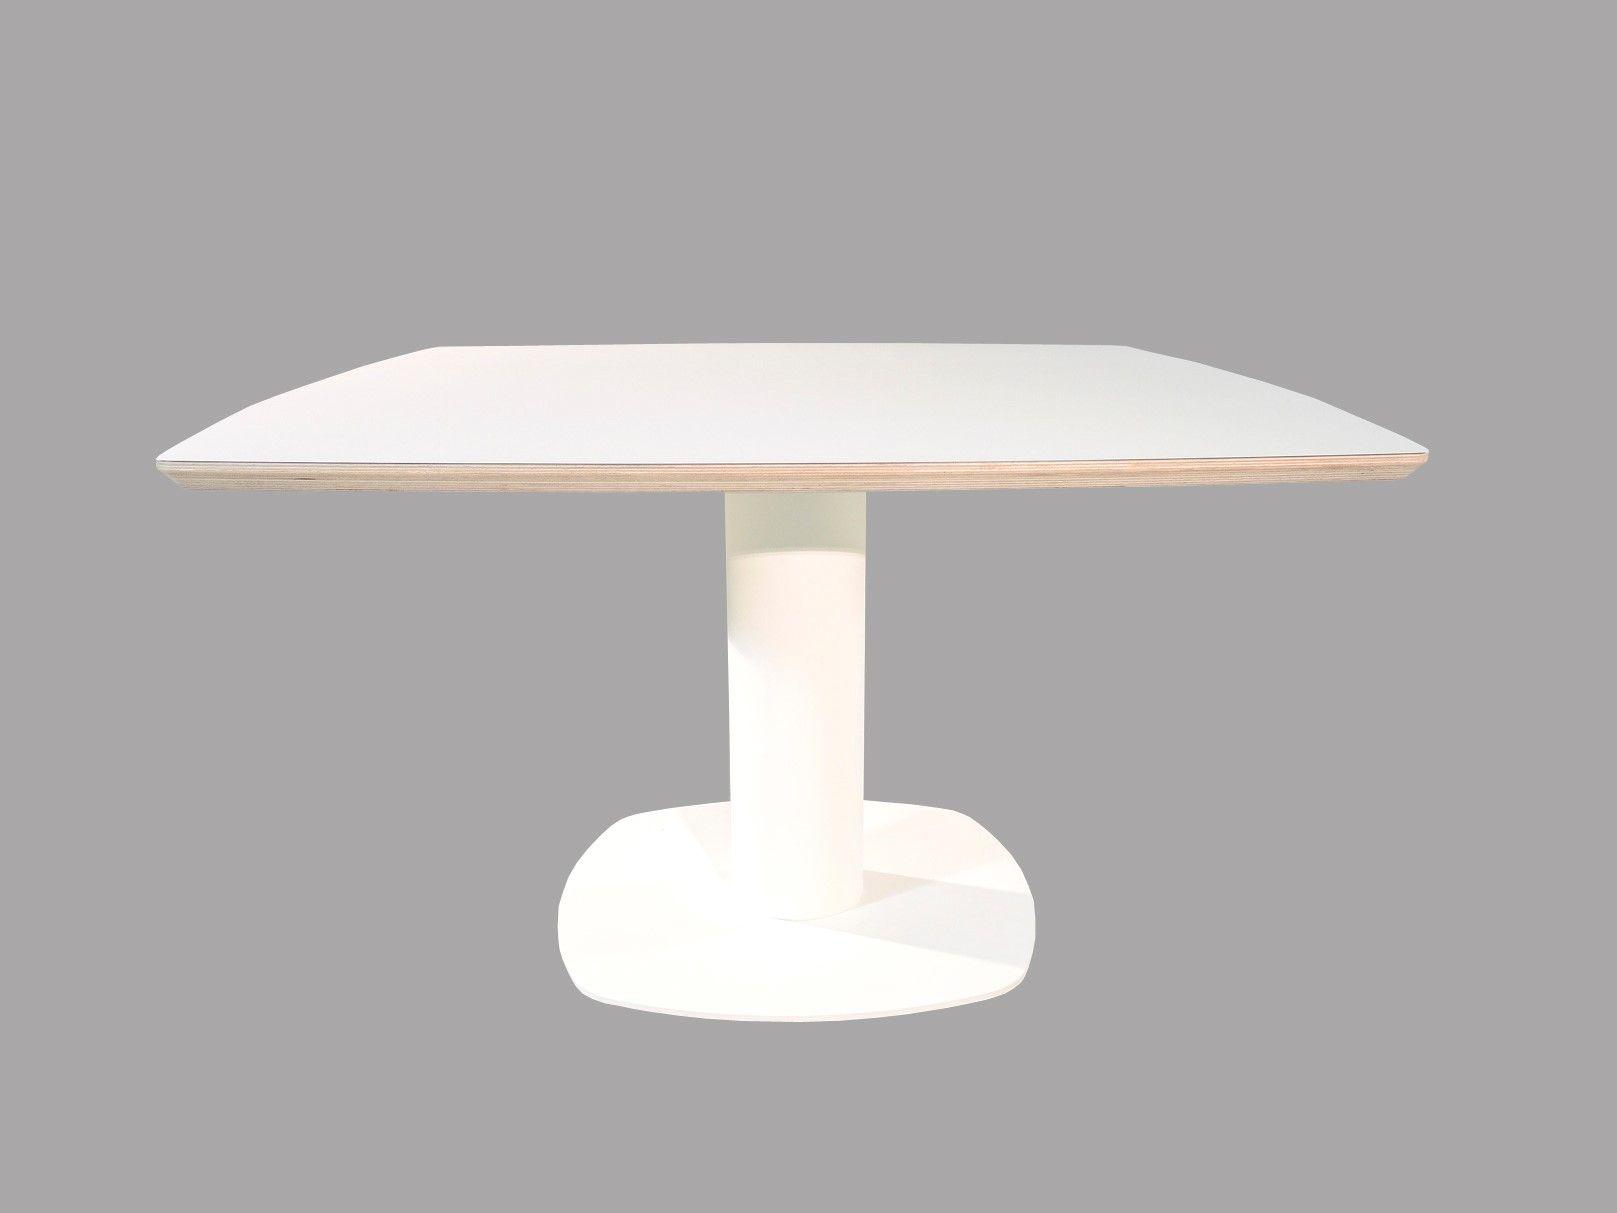 Design Witte Eettafel.Empoli Design Fenix Witte Eettafel In 2019 Ronde